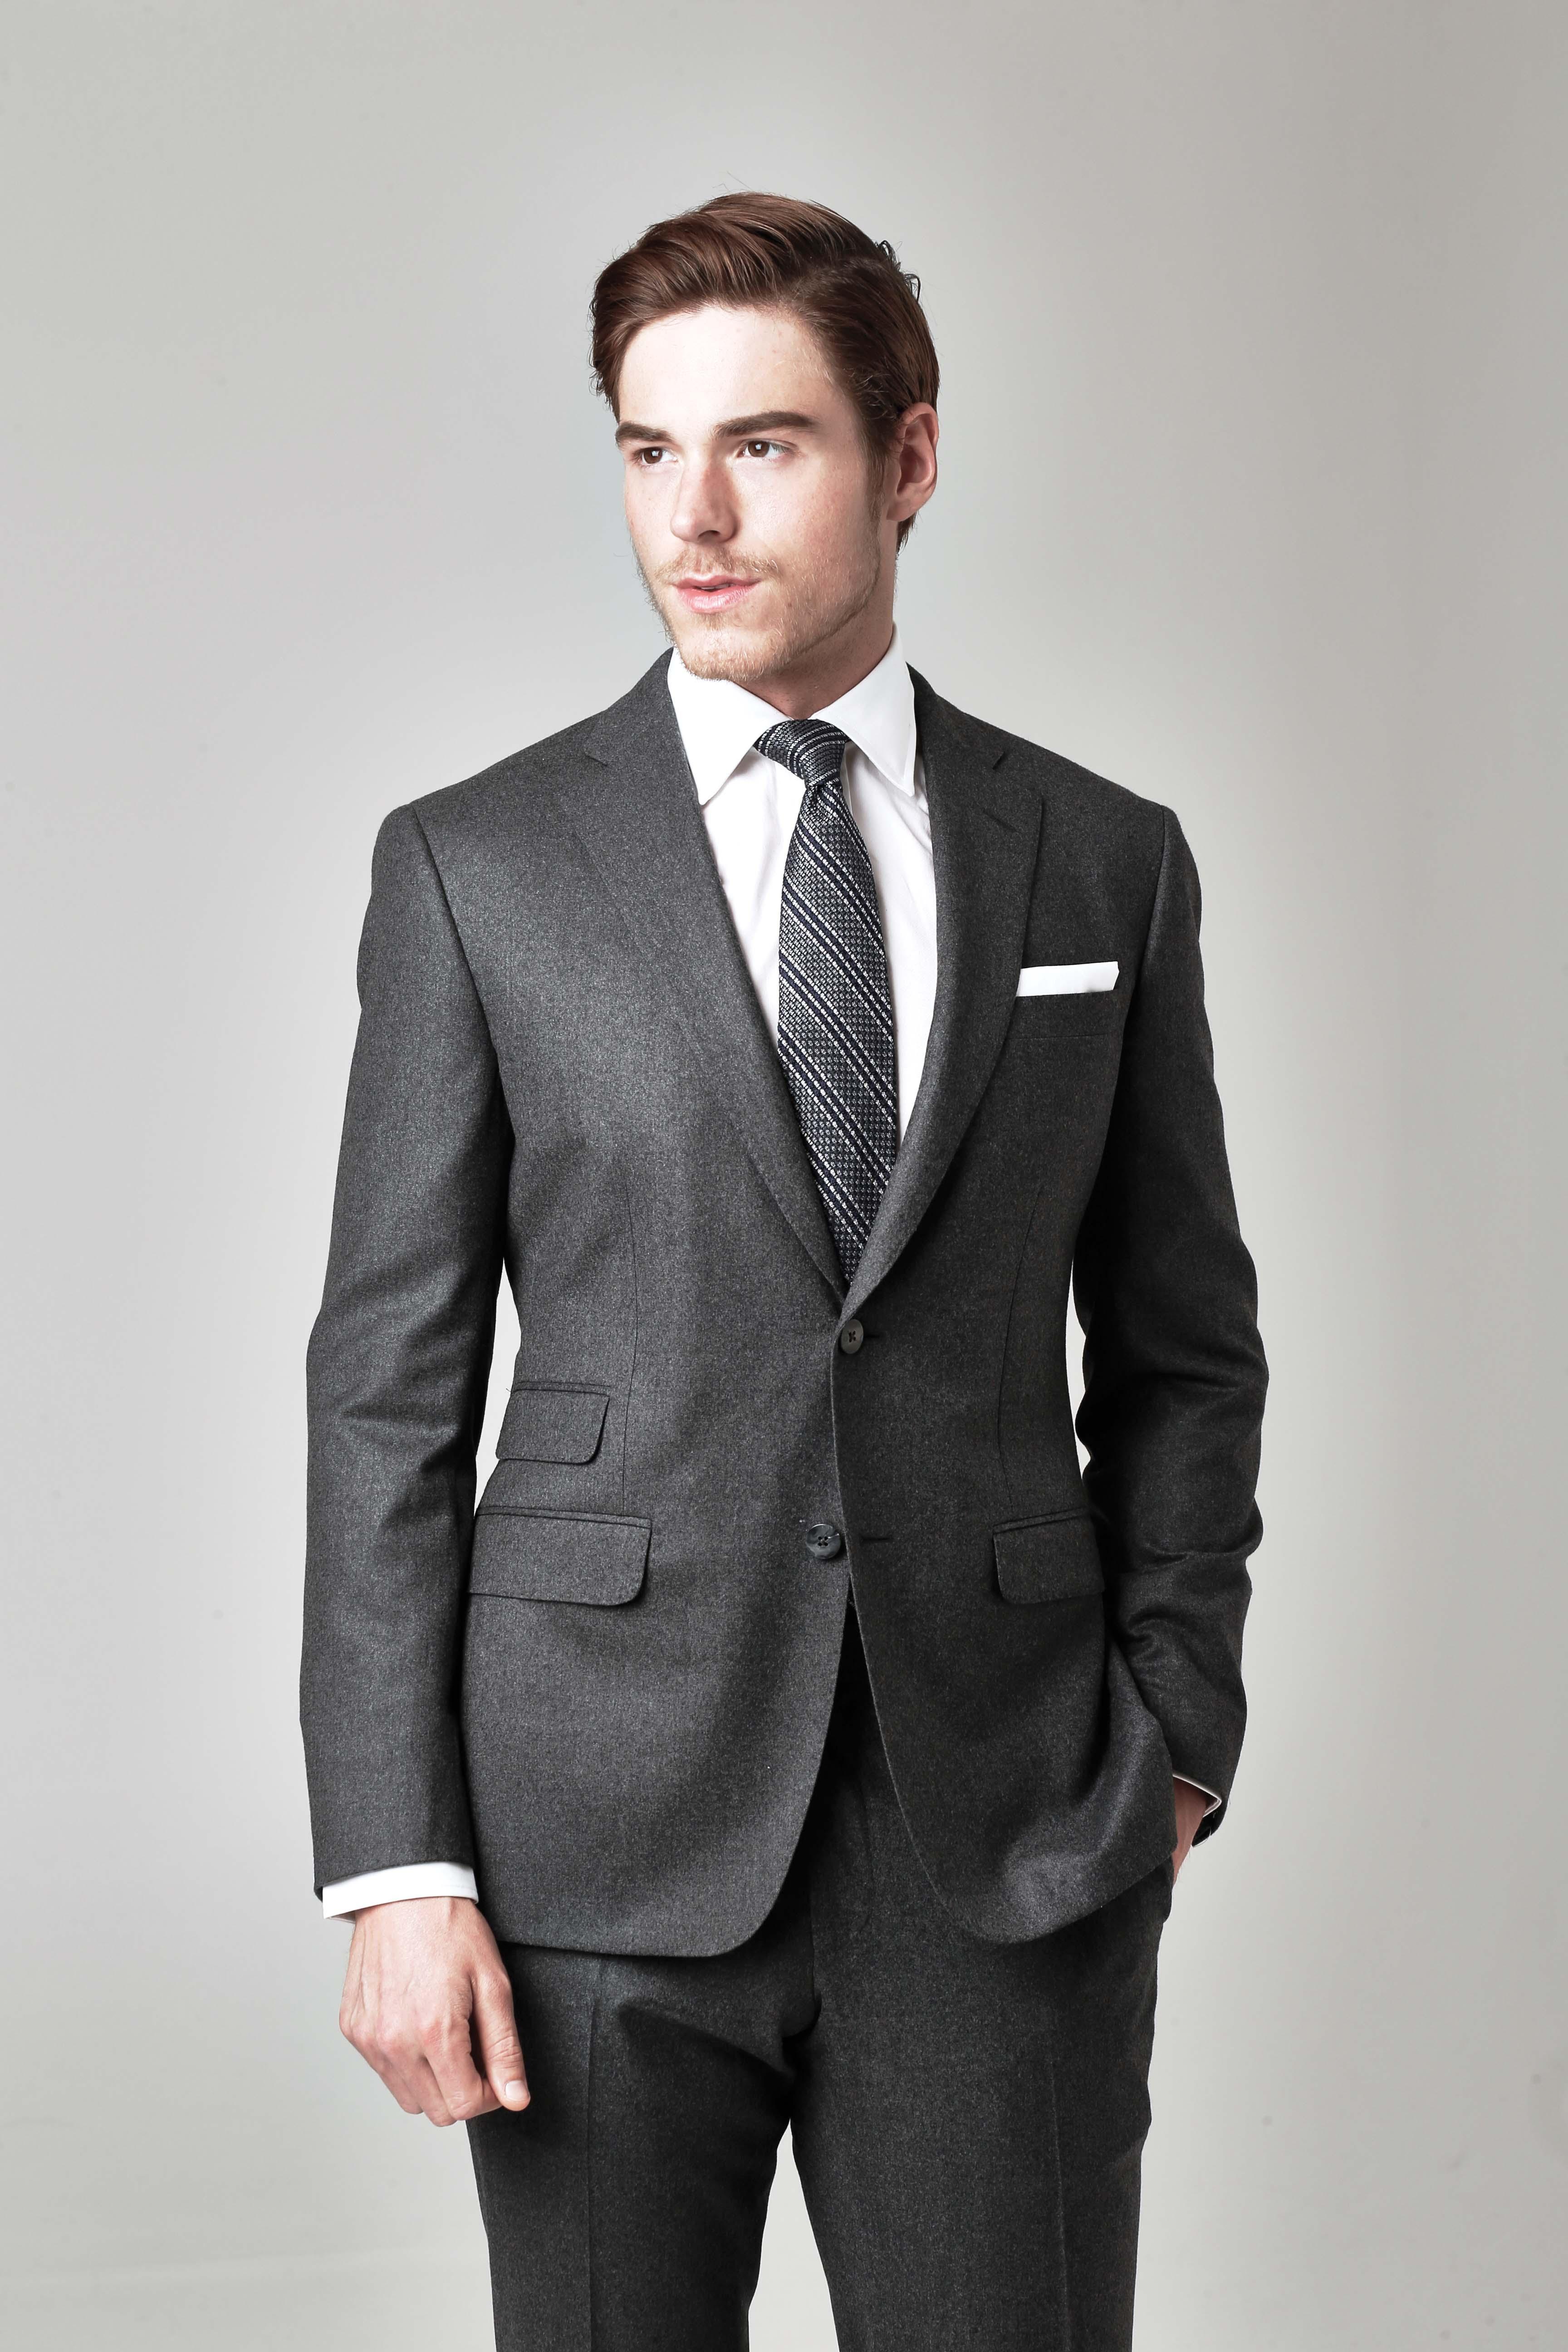 A Paul Stuart suit.